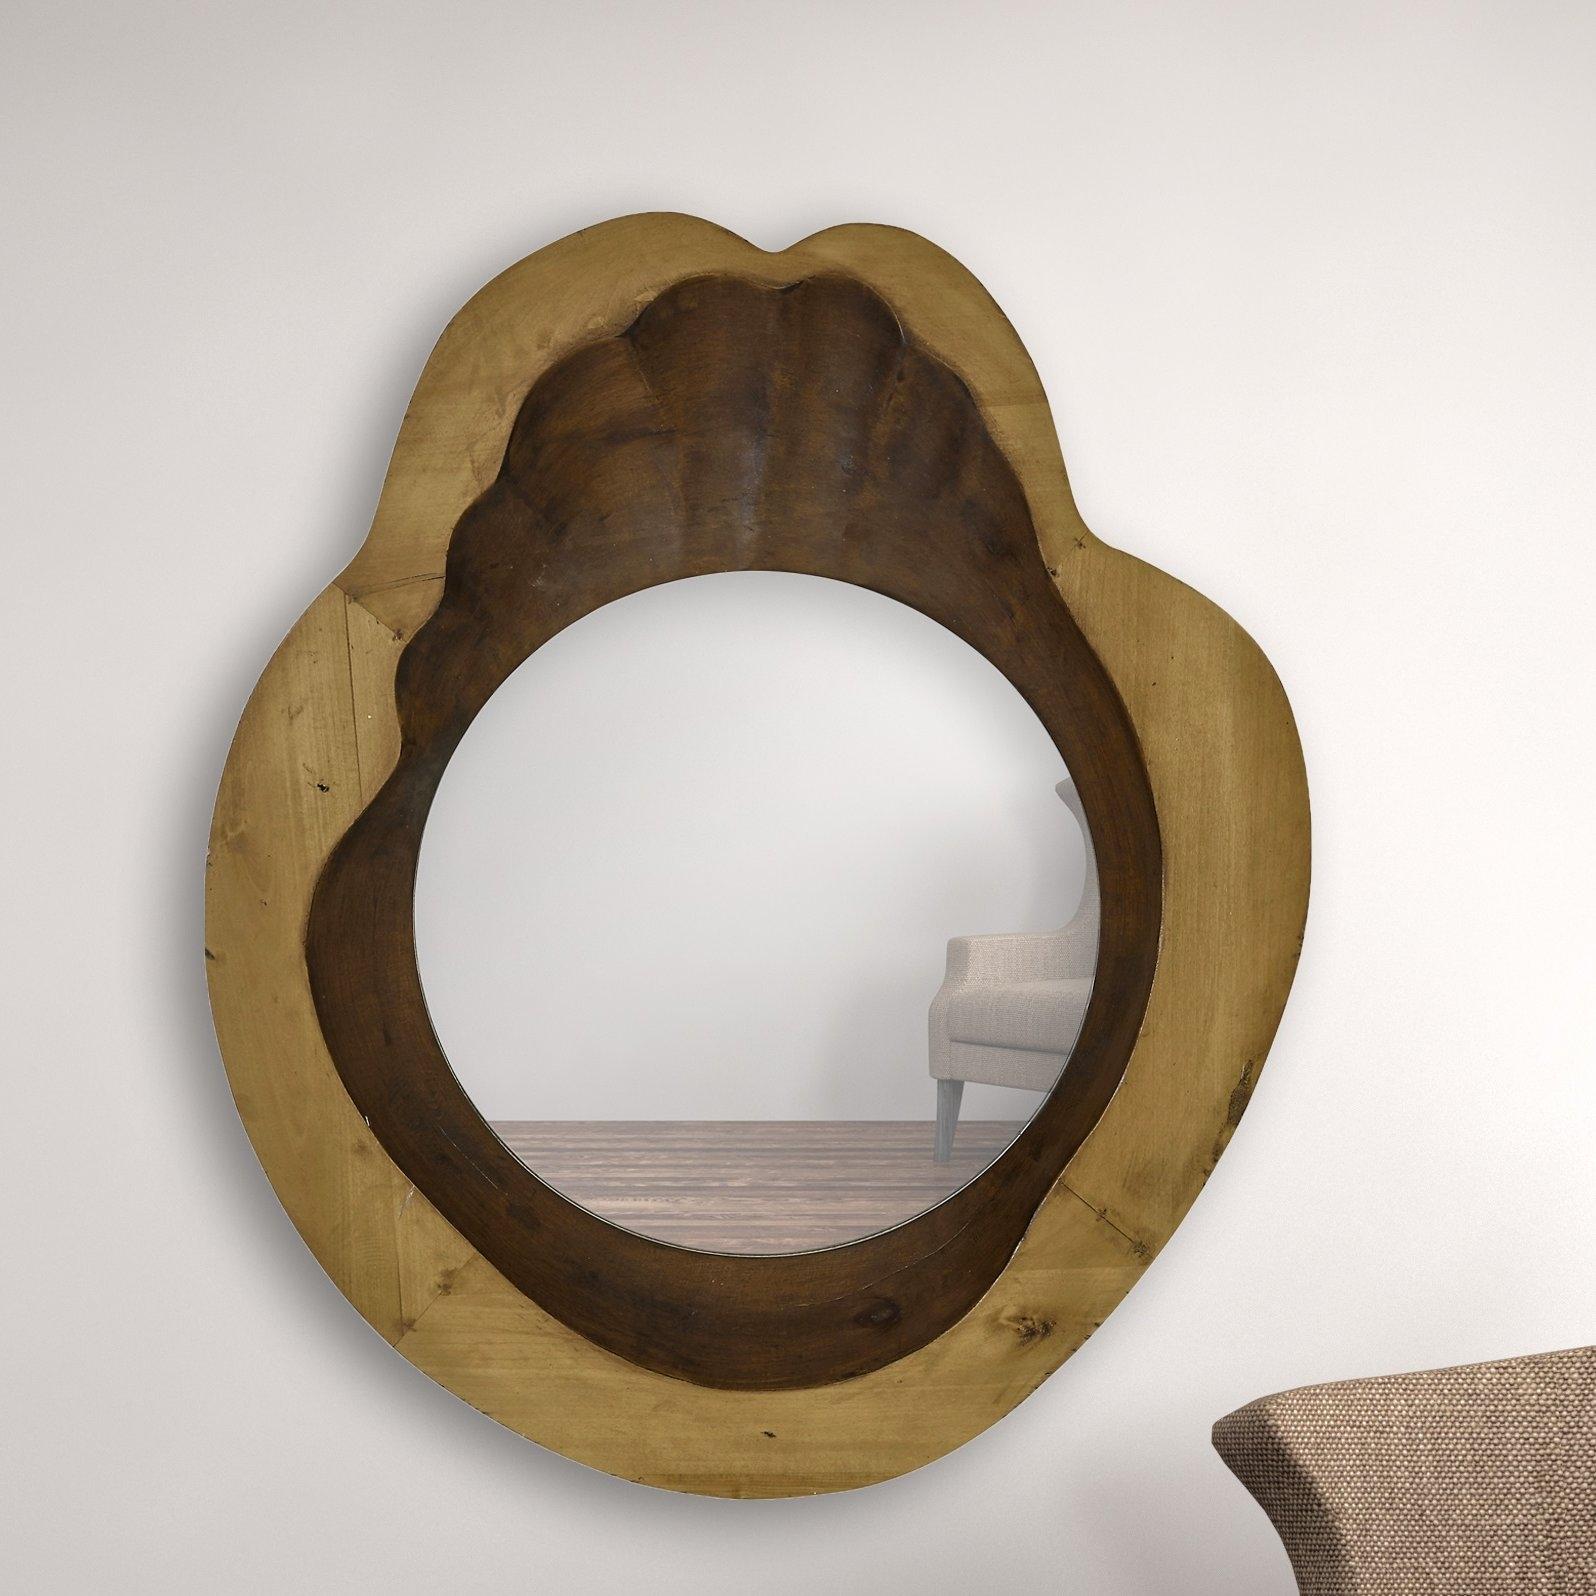 Linea Porthole Wall Mirror